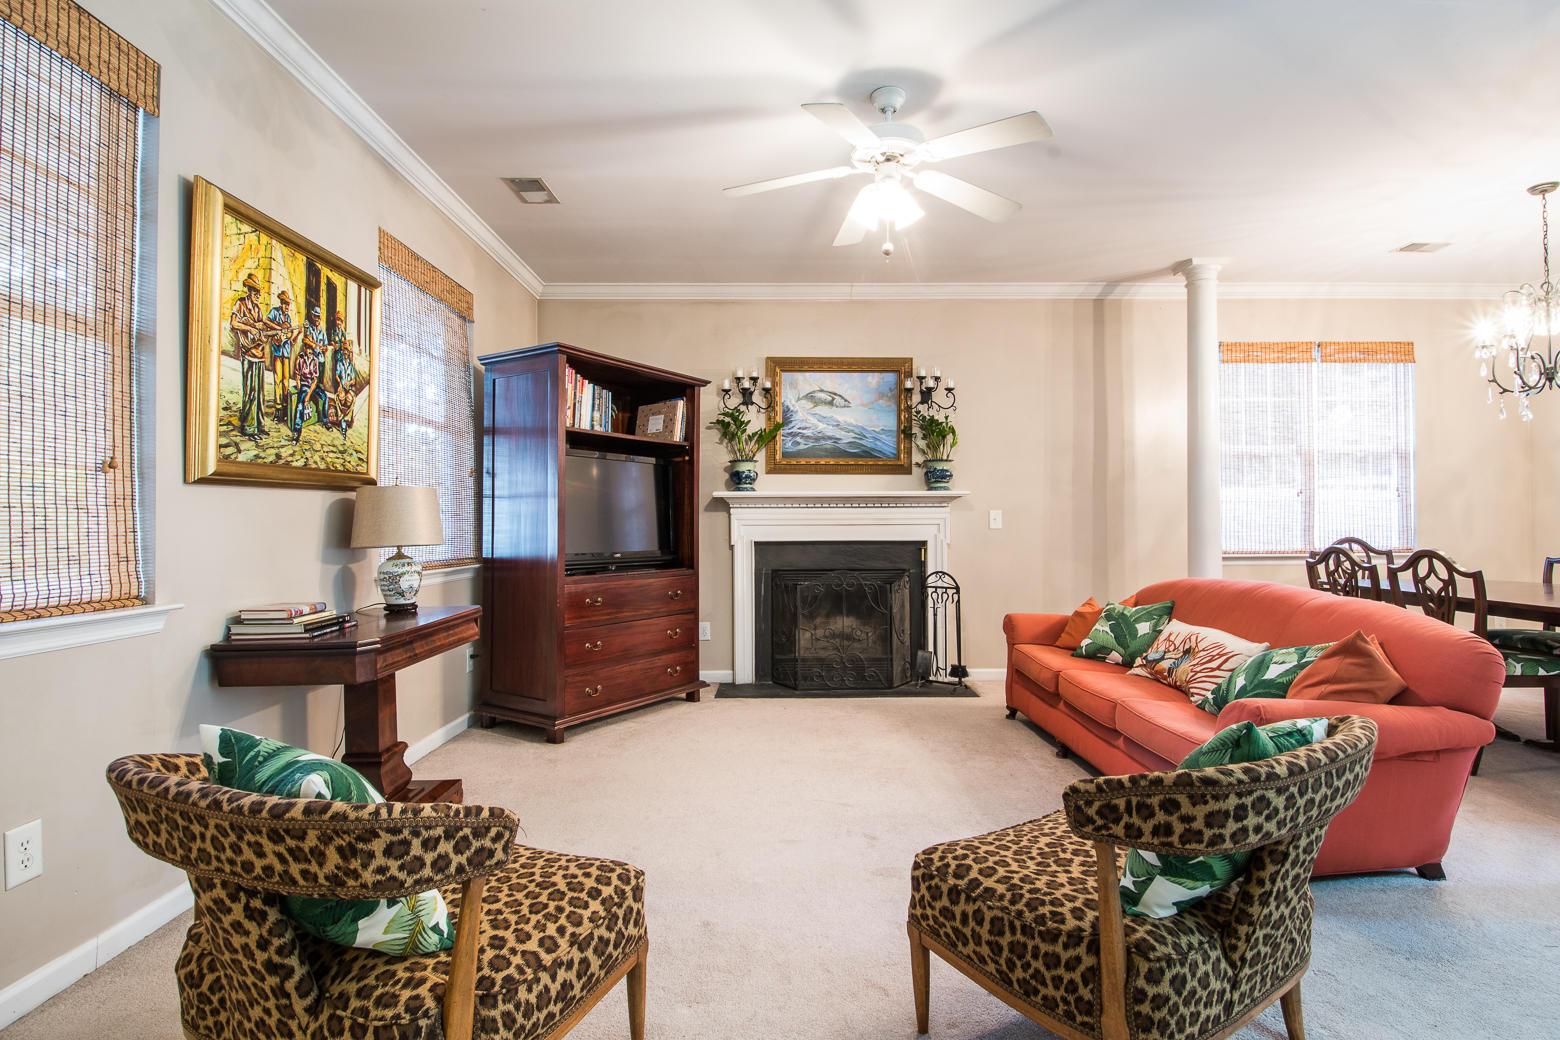 Jamestowne Village Homes For Sale - 1445 Swamp Fox, Charleston, SC - 7